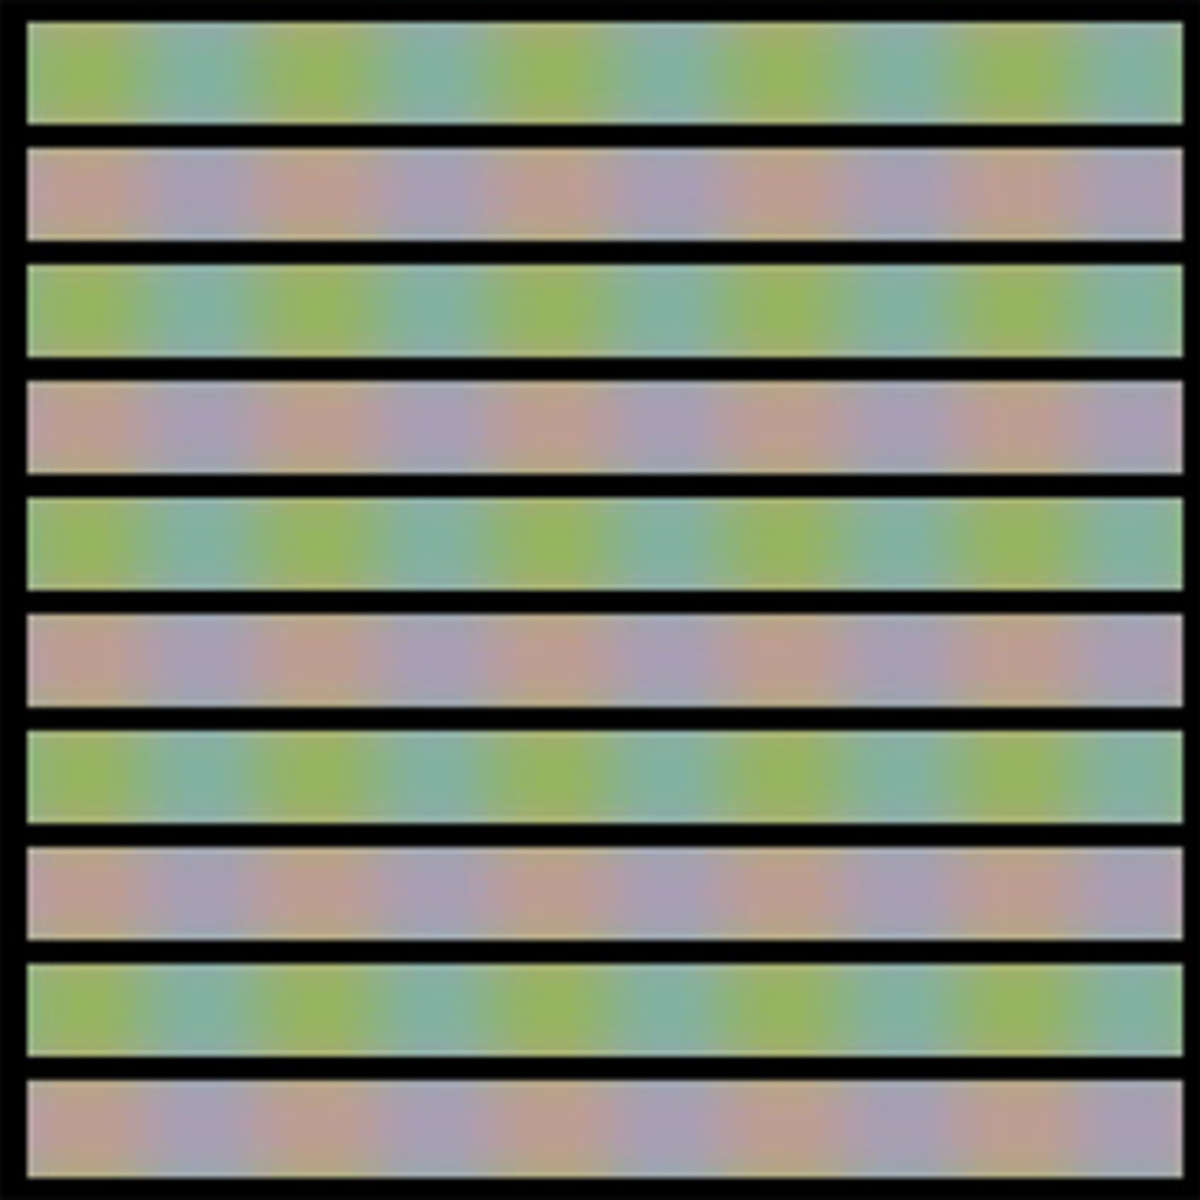 orthogonalcolors_354.jpg